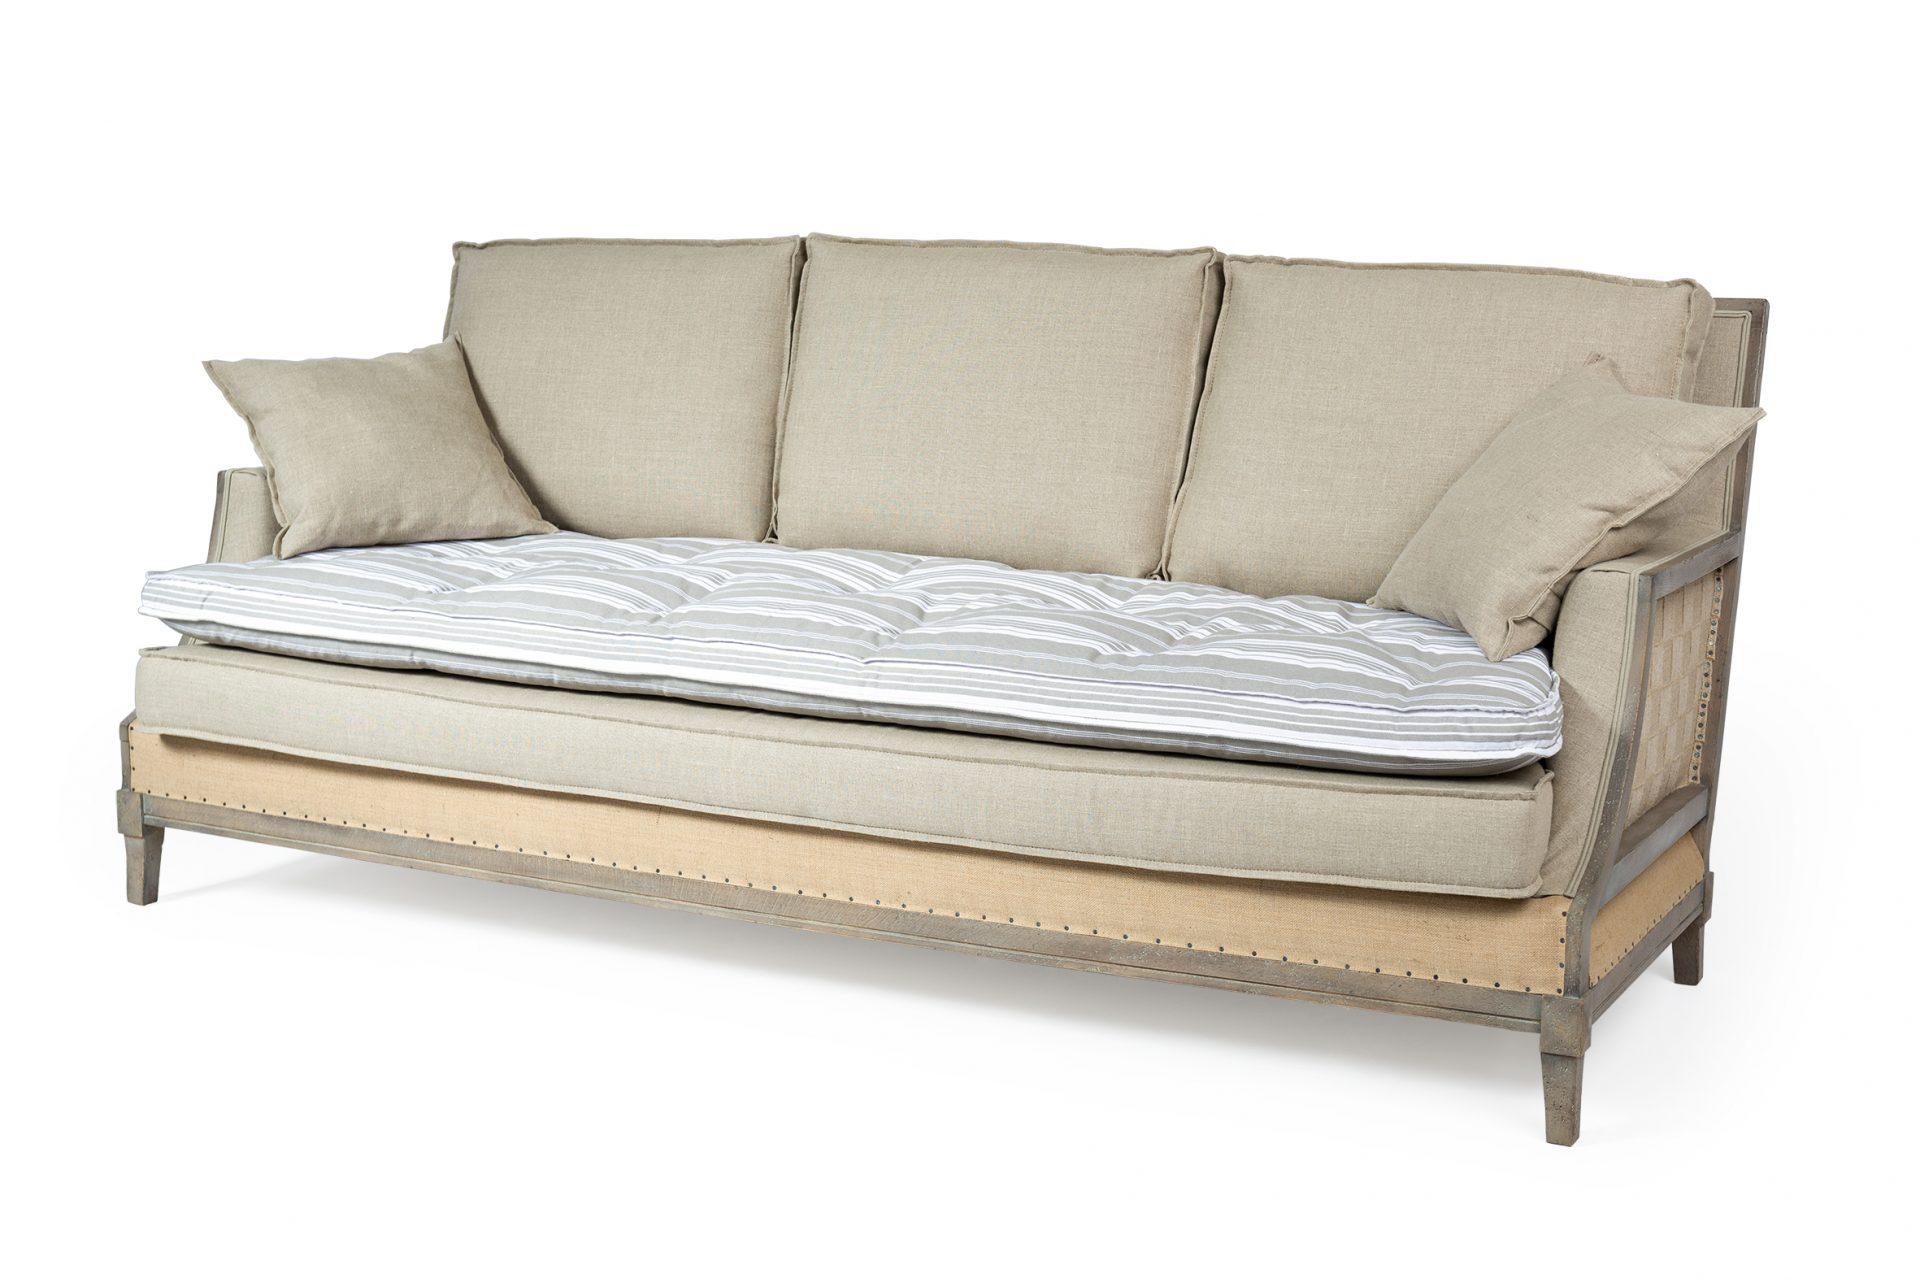 canap batignolles de ralph m raphaele meubles. Black Bedroom Furniture Sets. Home Design Ideas